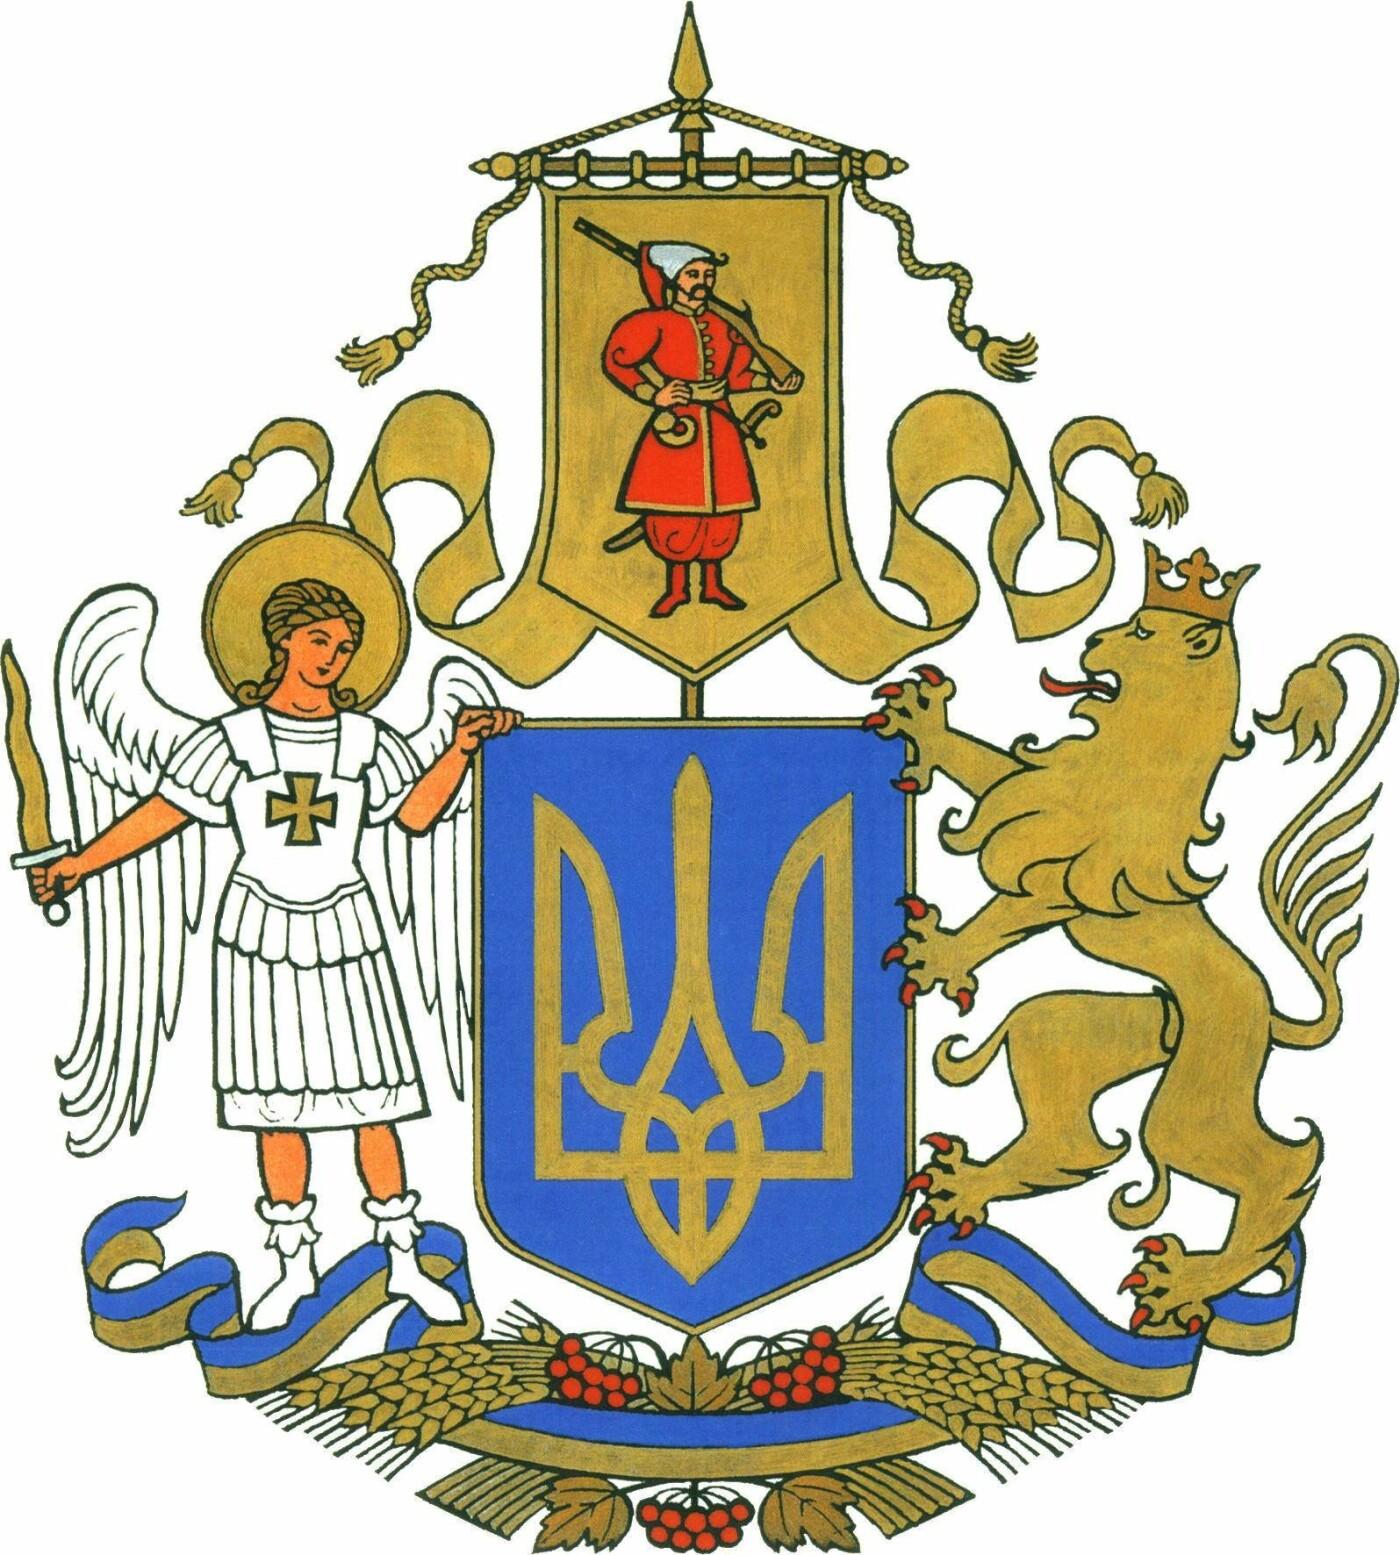 Ескіз Великого Герба, оригінал, Фото зі сторінки Олександра Ткаченка